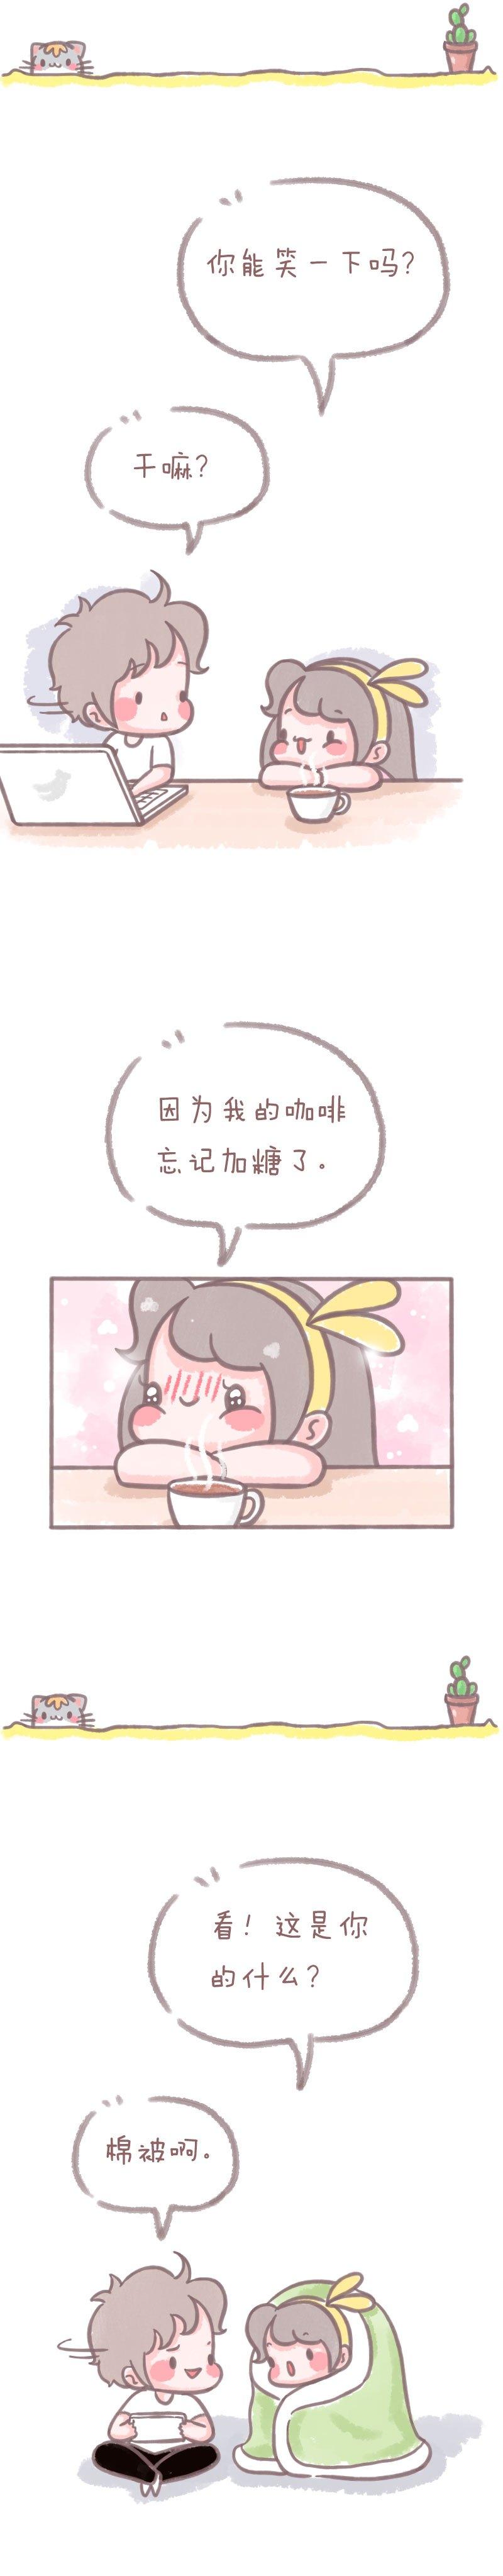 """《奔跑吧》第六期抢先看, 鹿晗、迪丽热巴正面交锋""""相爱相杀"""""""